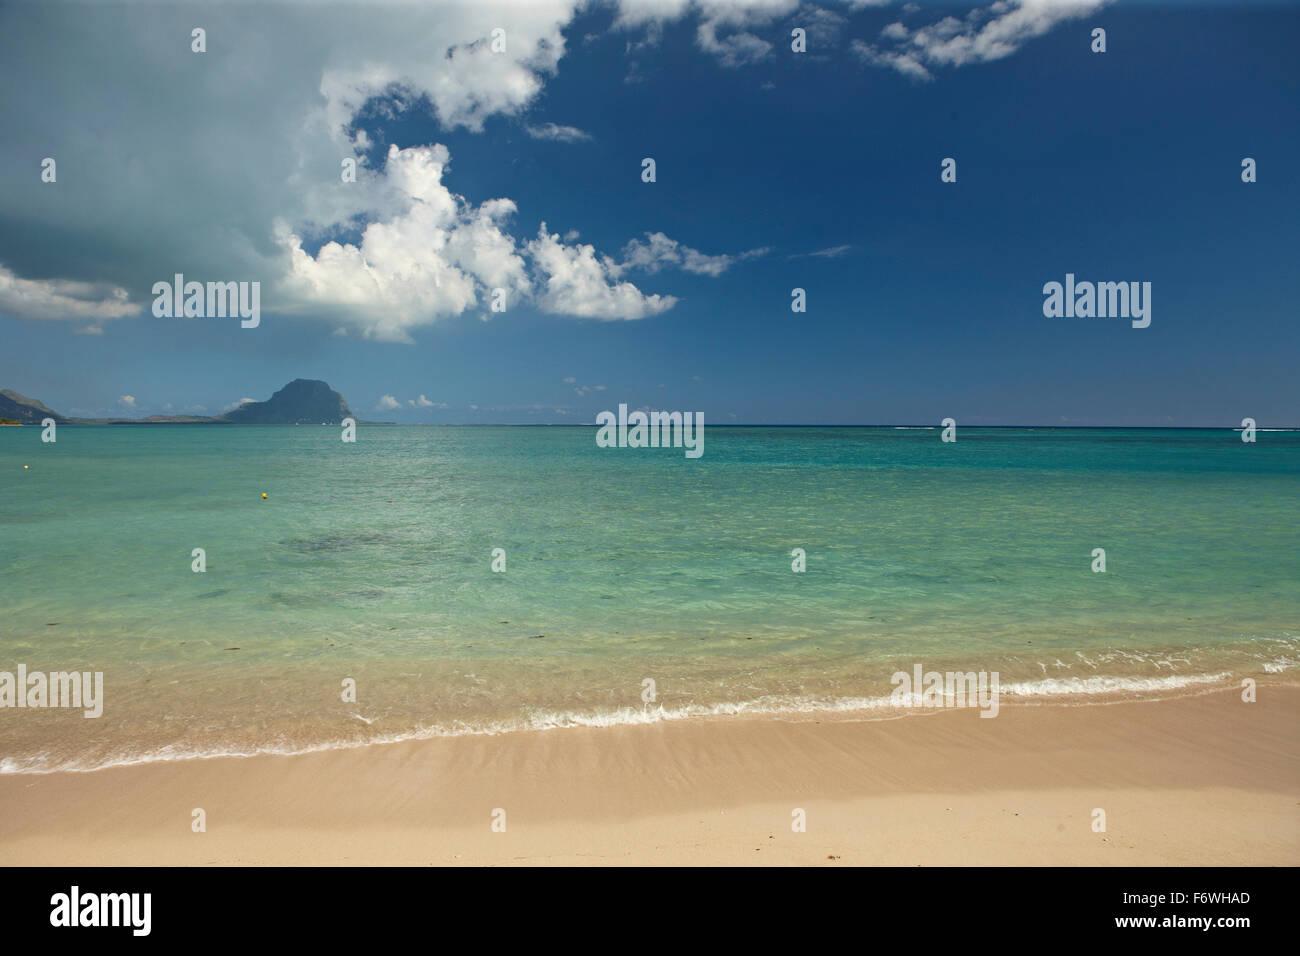 Beach, Tamarin, Mauritius - Stock Image